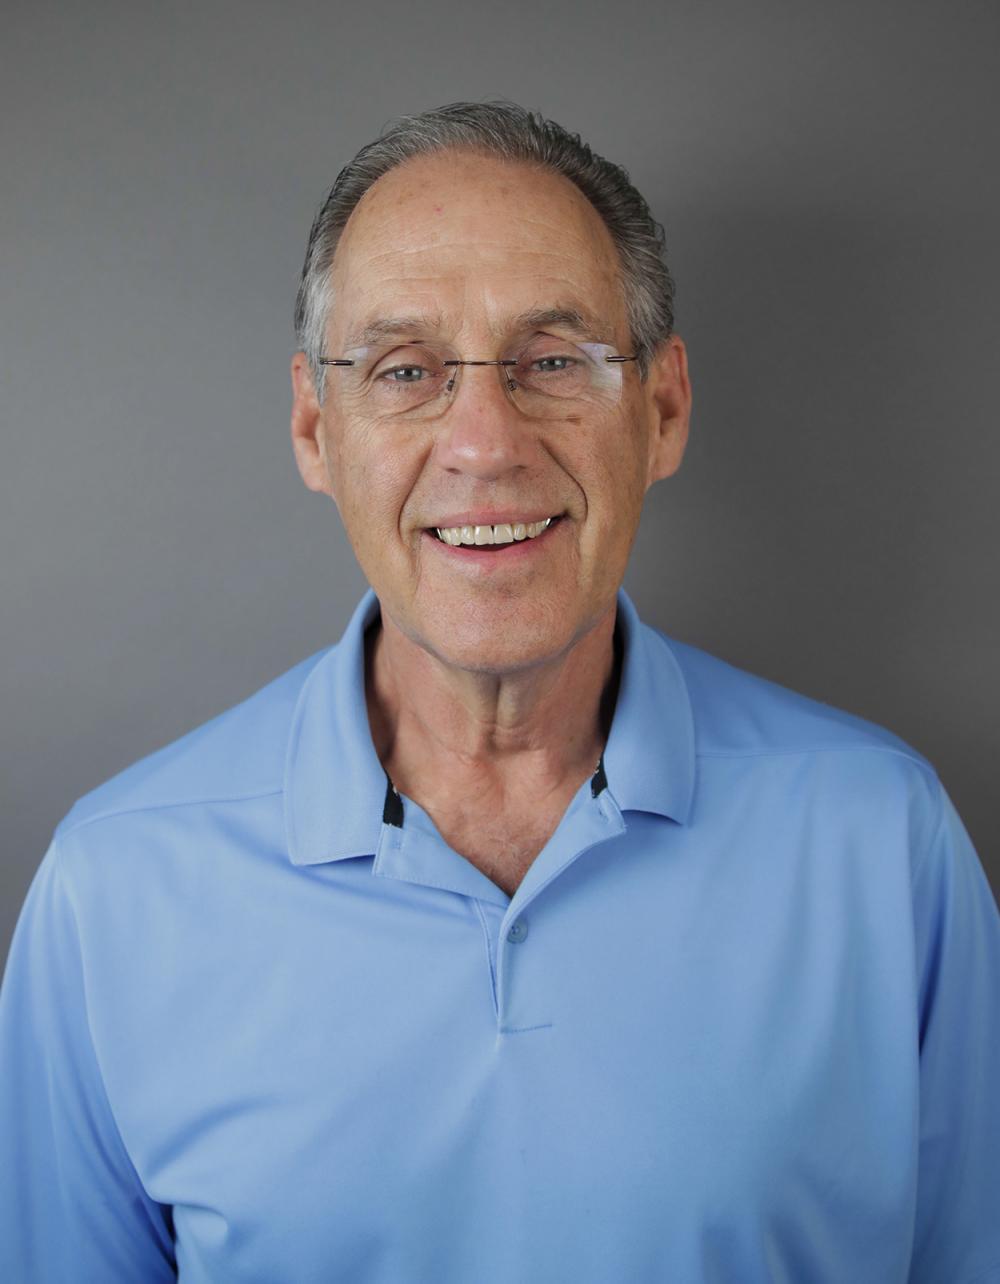 Paul Wortley